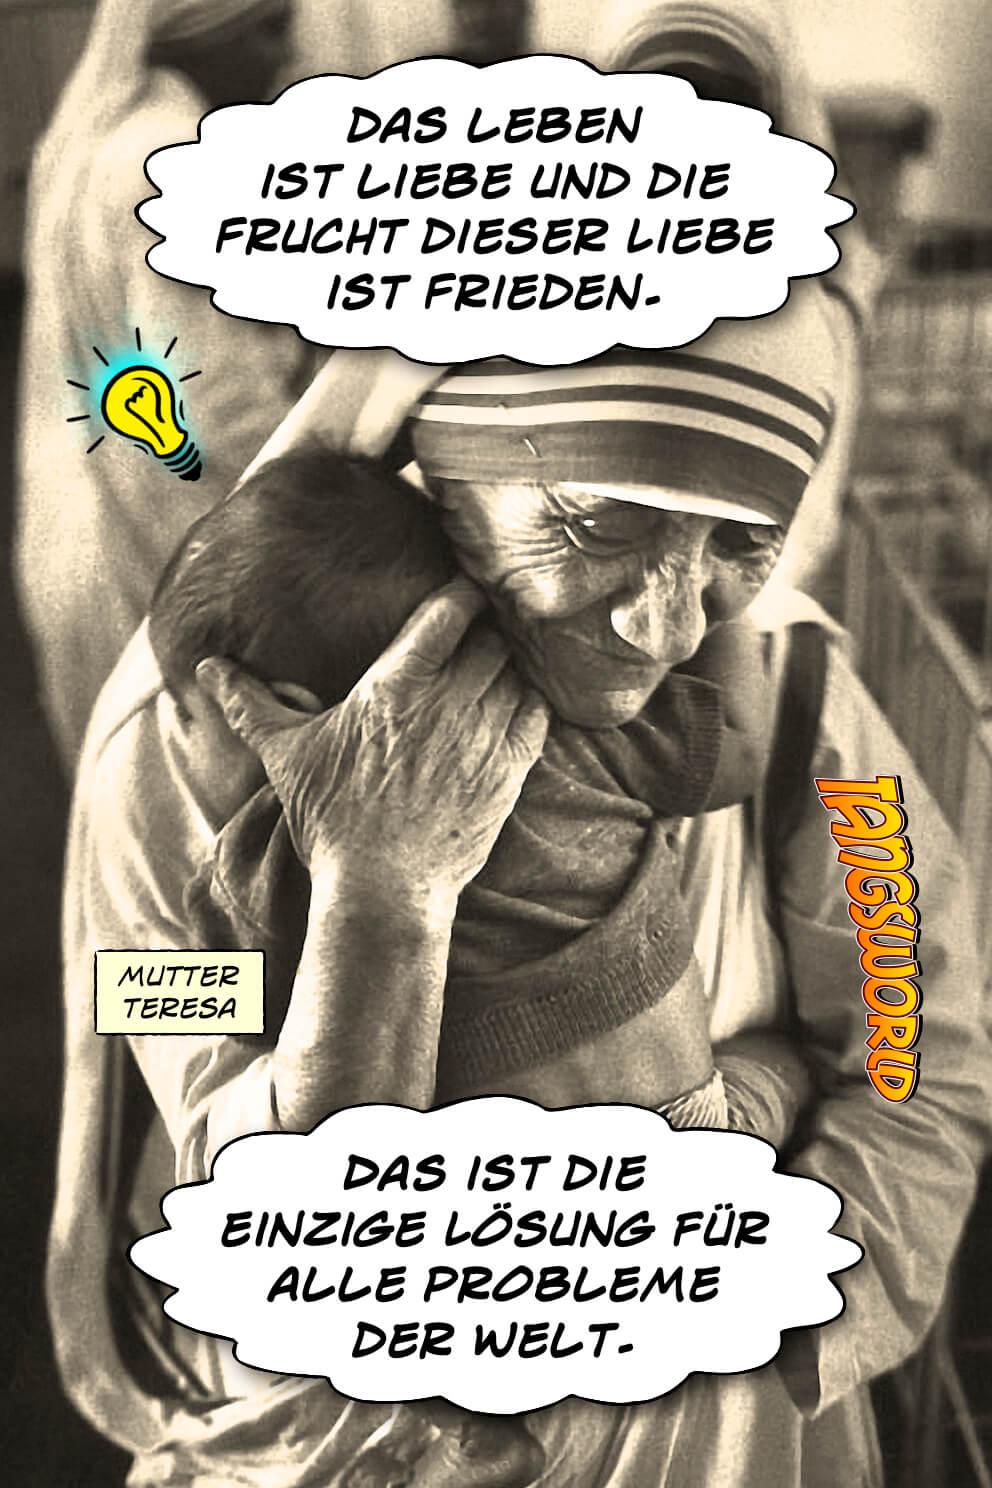 Das Leben ist Liebe, und die Frucht dieser Liebe ist Frieden. Das ist die einzige Lösung für alle Probleme der Welt. - Geistesblitze | Mutter Teresa